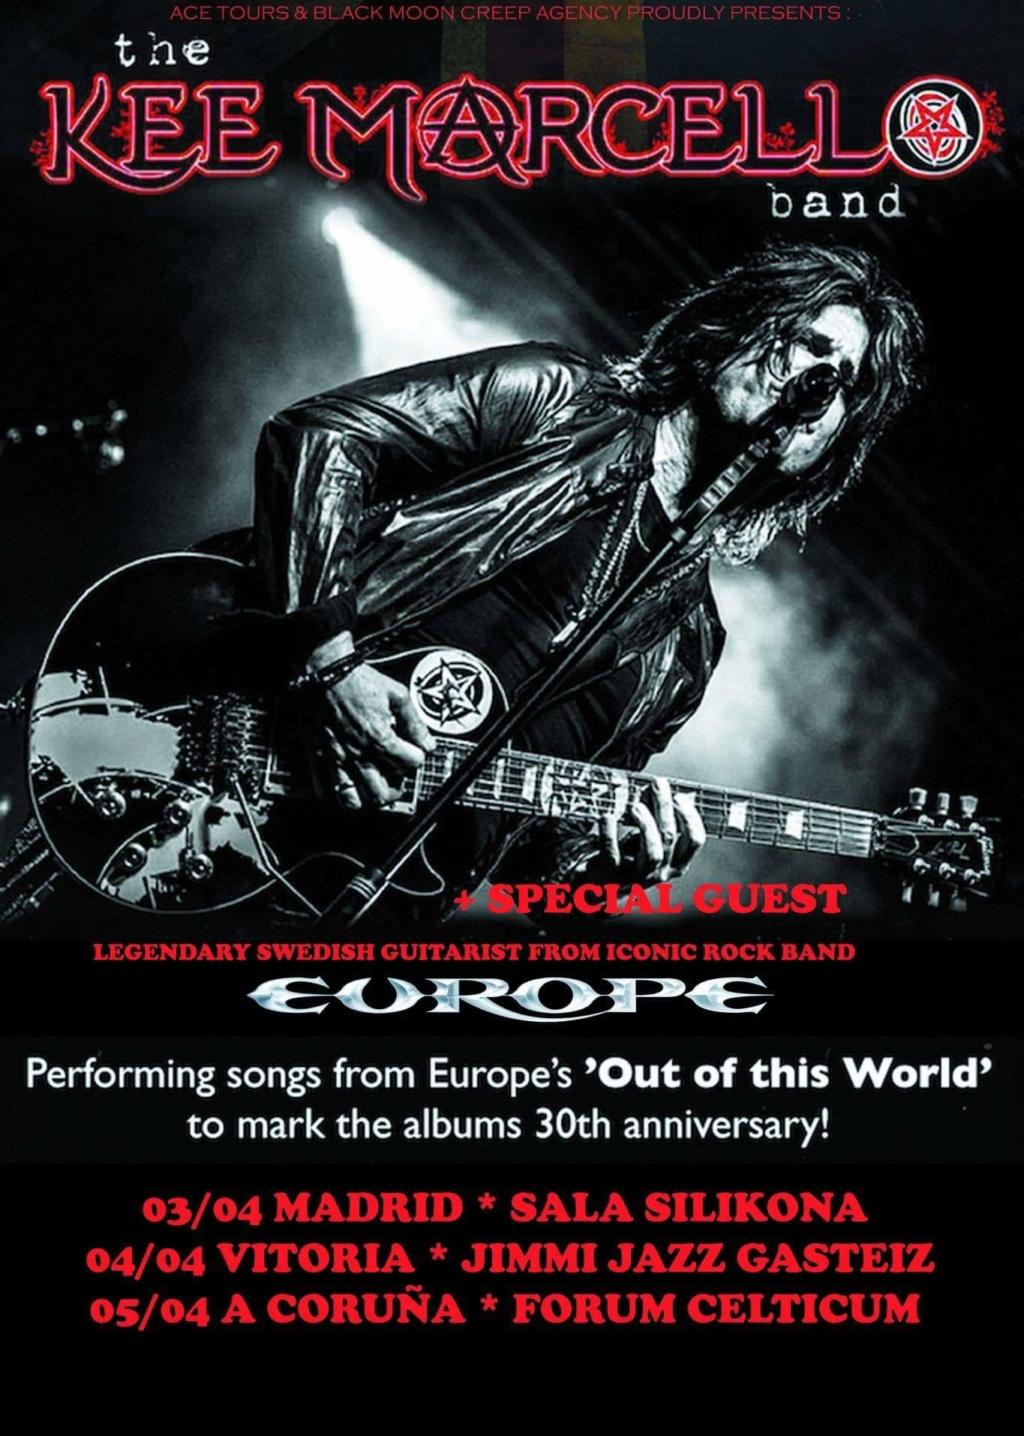 Tempest y Norum reparten guitarrazos y elegancia:El topic de Europe - Página 10 50840111